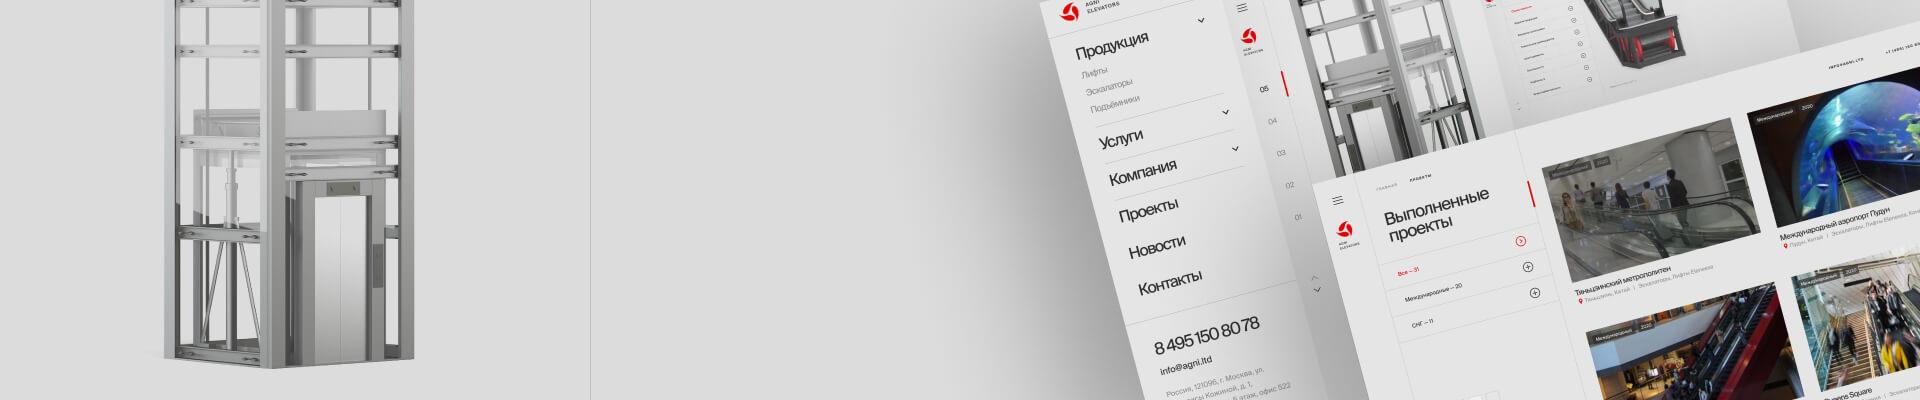 agnielevators.ru